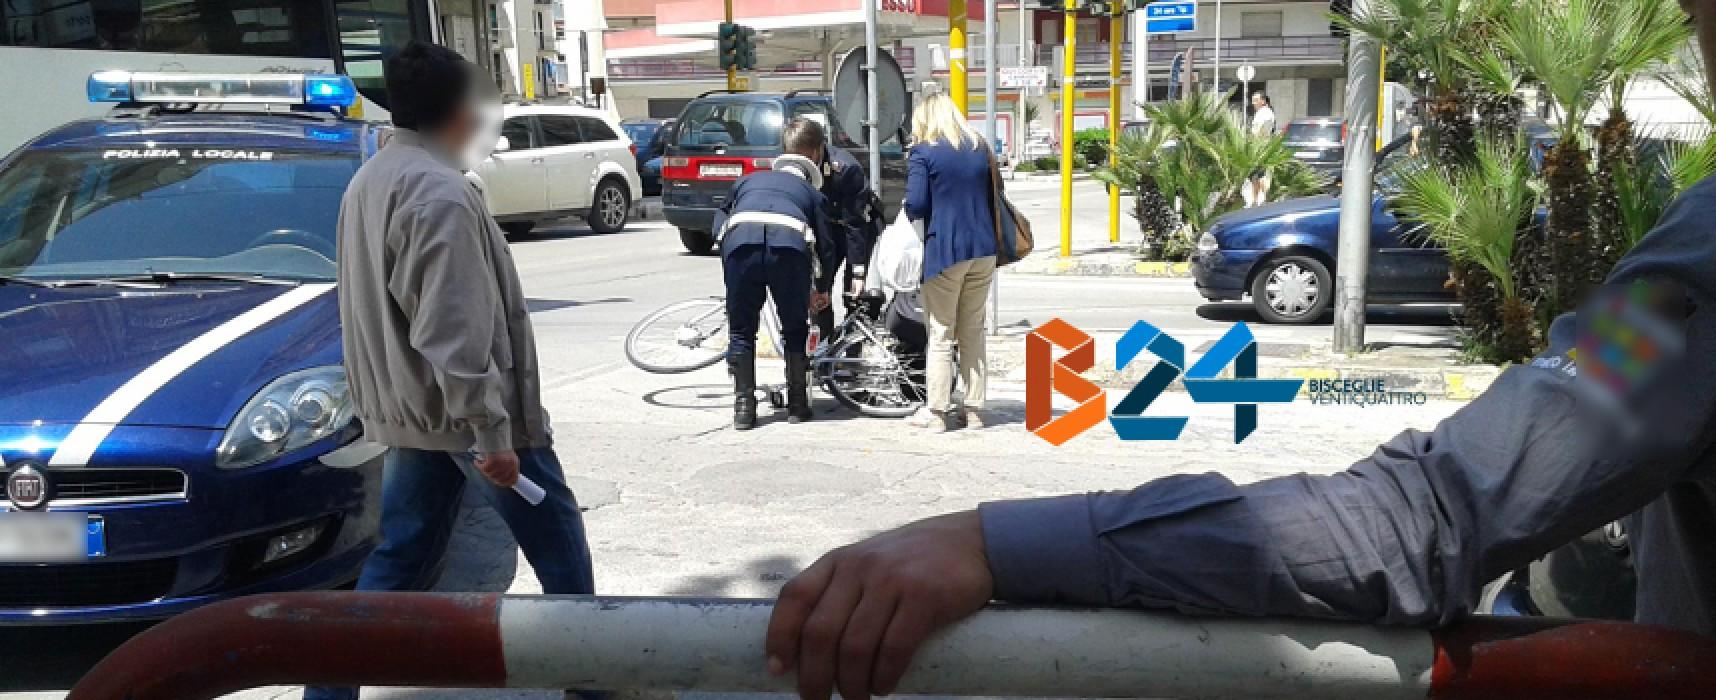 Investita in bici a un incrocio in zona Seminario, donna biscegliese al pronto soccorso